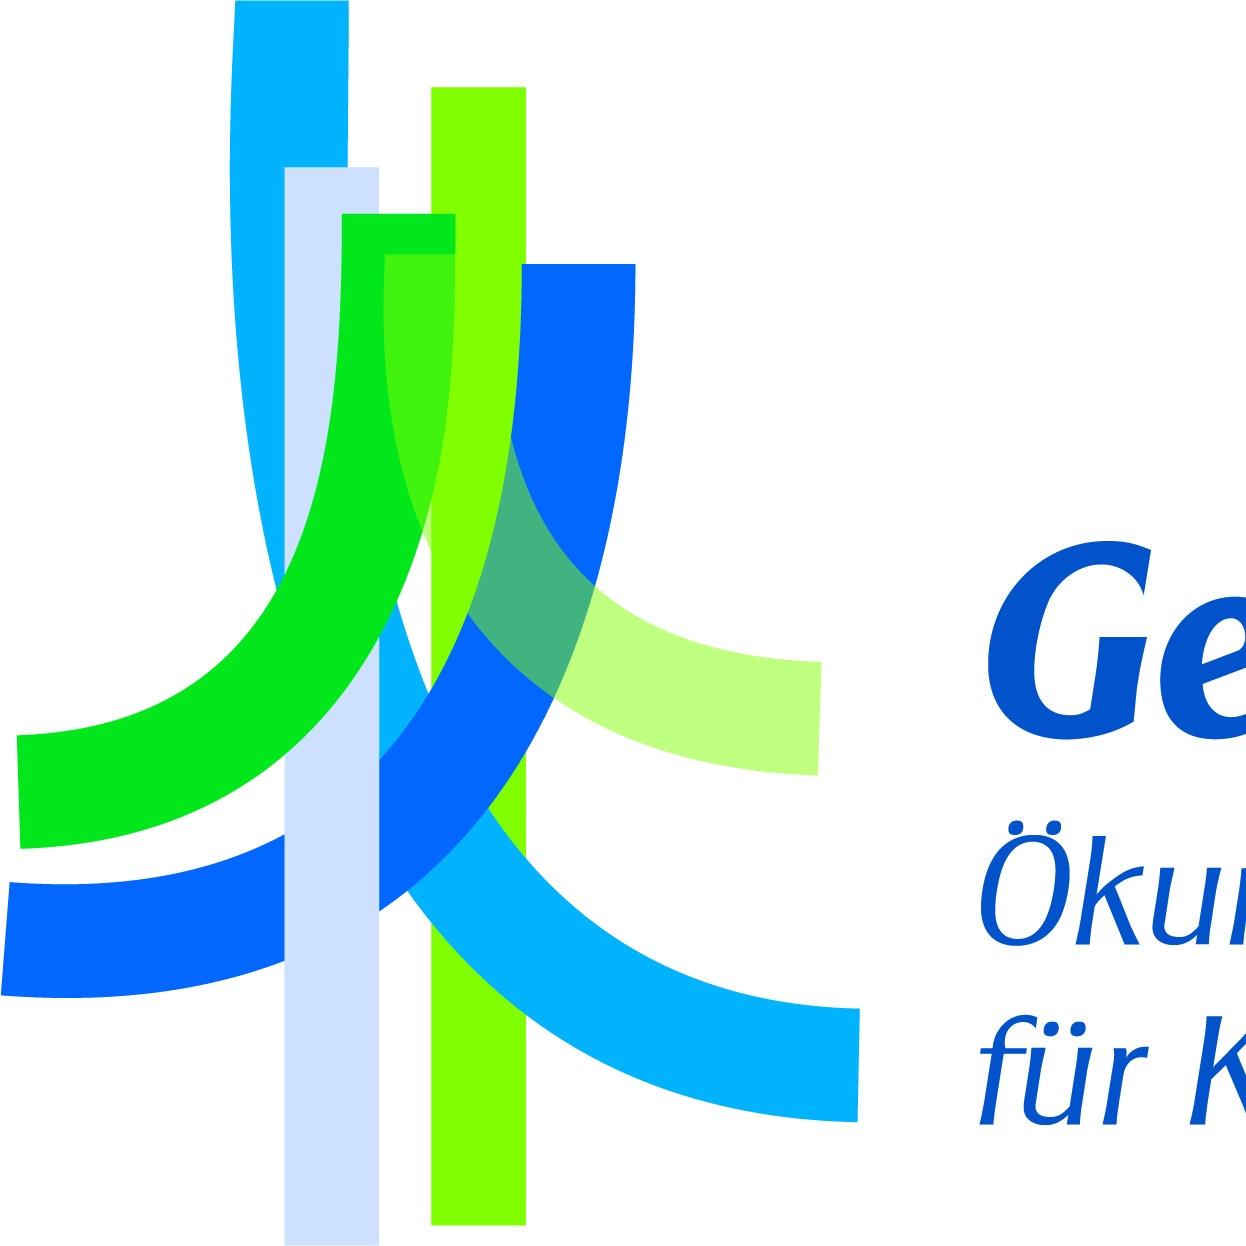 Aktionstag in Paderborn am 26. September 3. Ökumenischer Pilgerweg für Klimagerechtigkeit